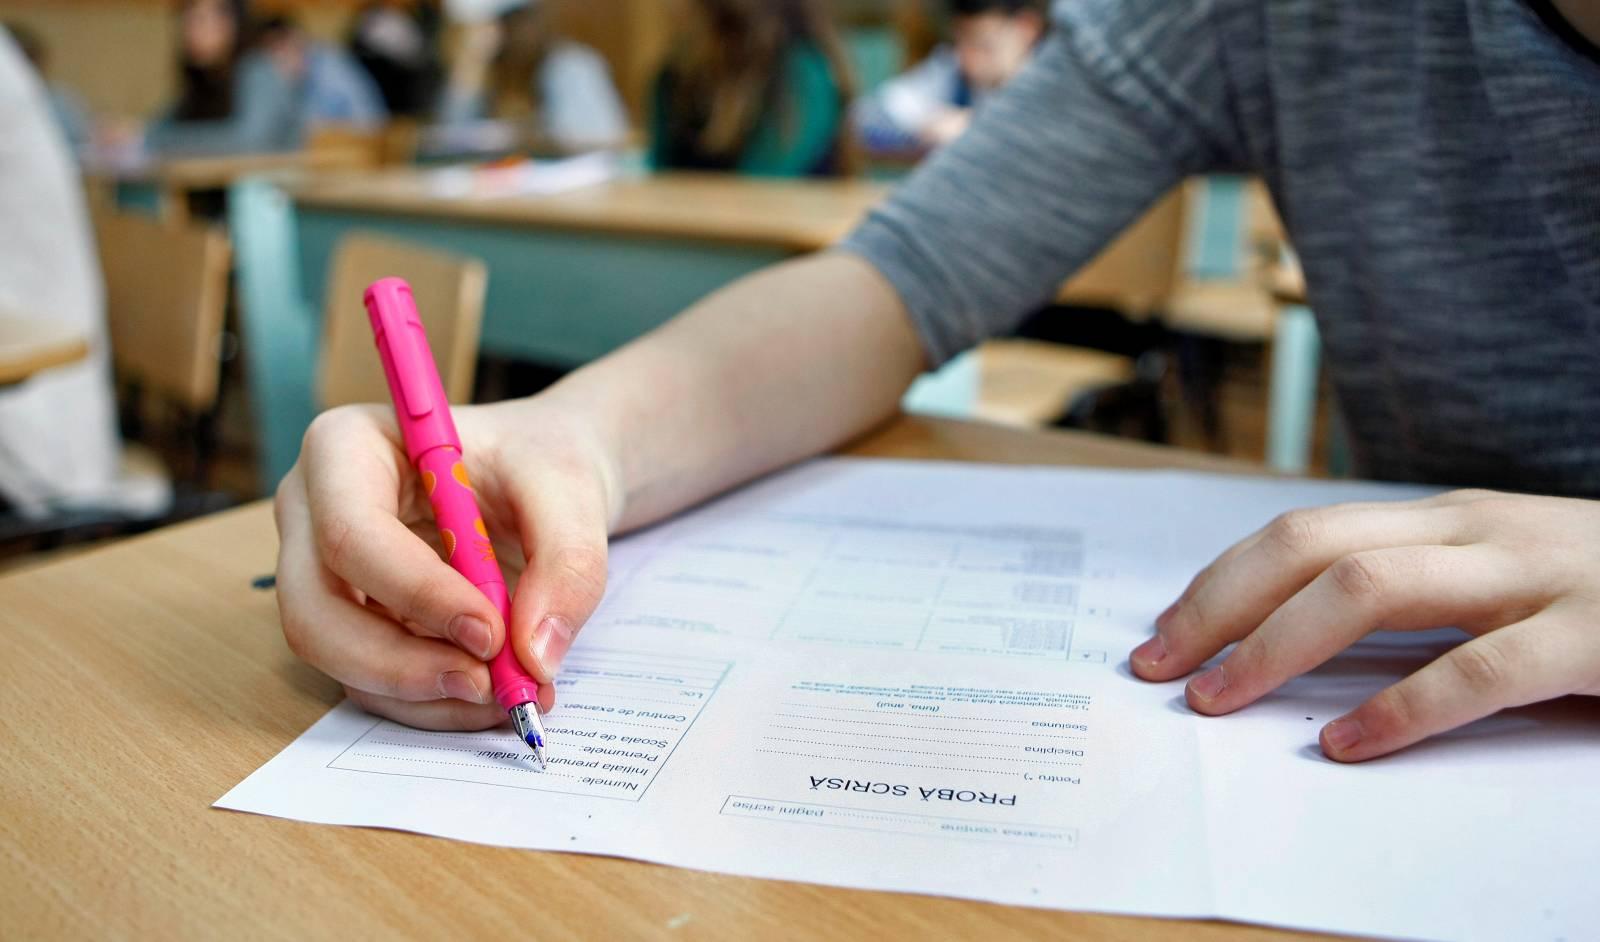 Elevii din clasa a 8-a și a 12-a vor face pregătire pentru examenul de Bac și Testele Naționale 2 săptămâni